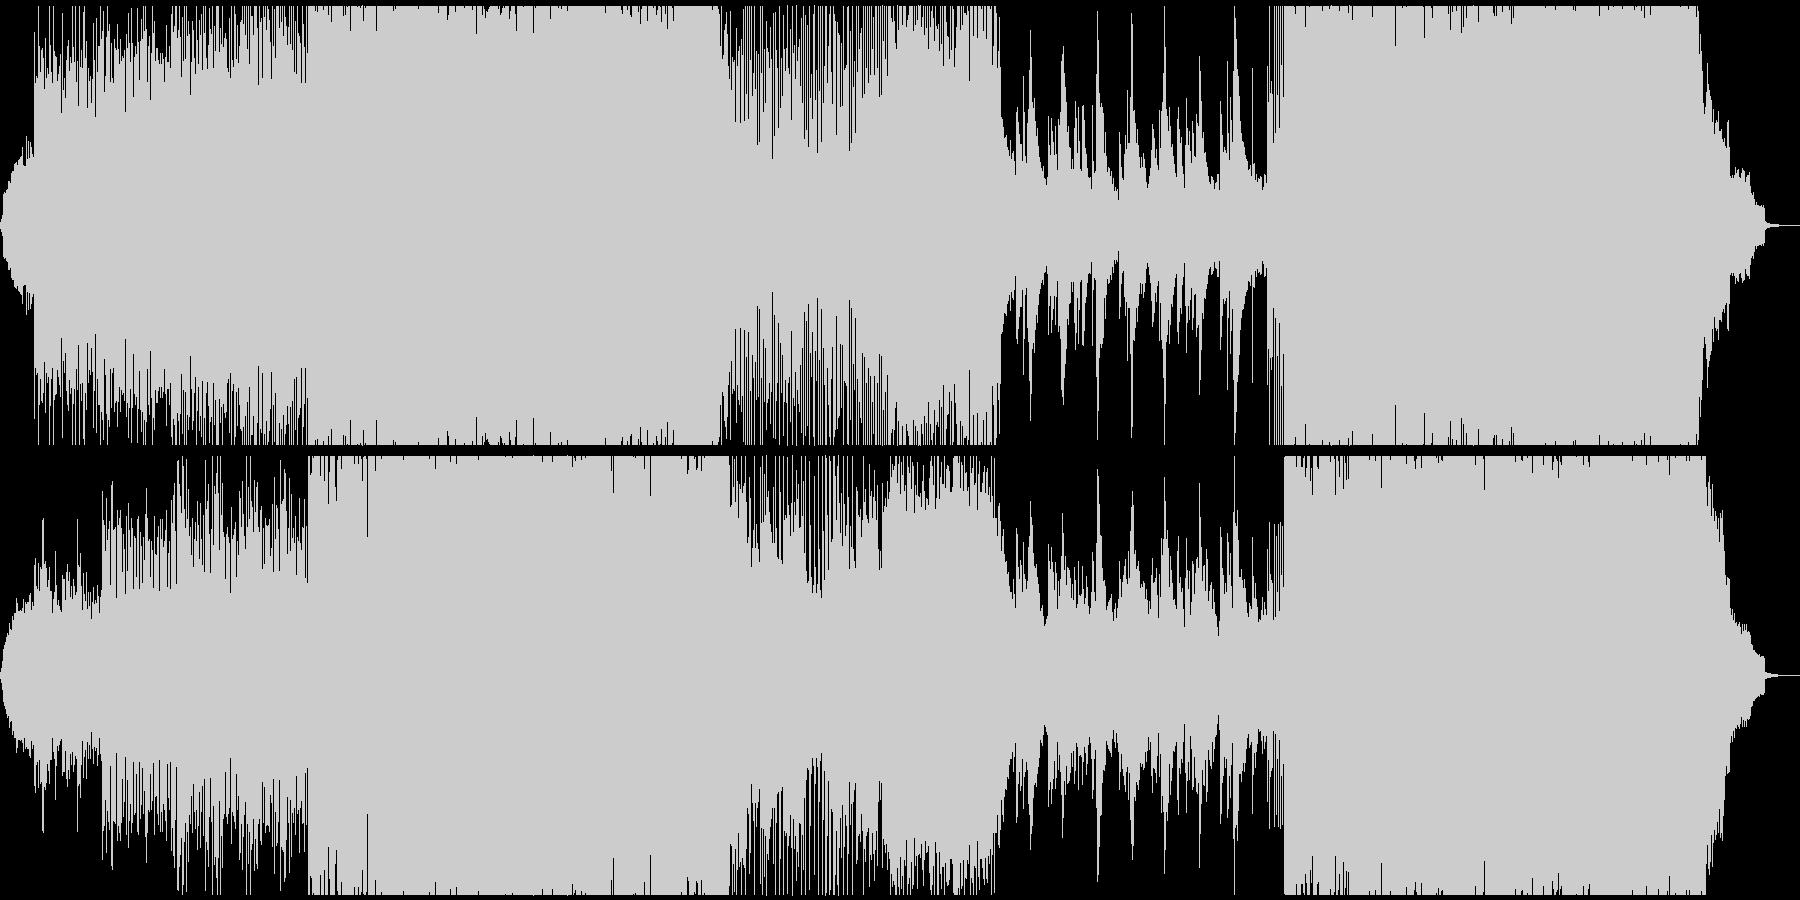 風のクロノアの様な疾走感のあるステージ曲の未再生の波形